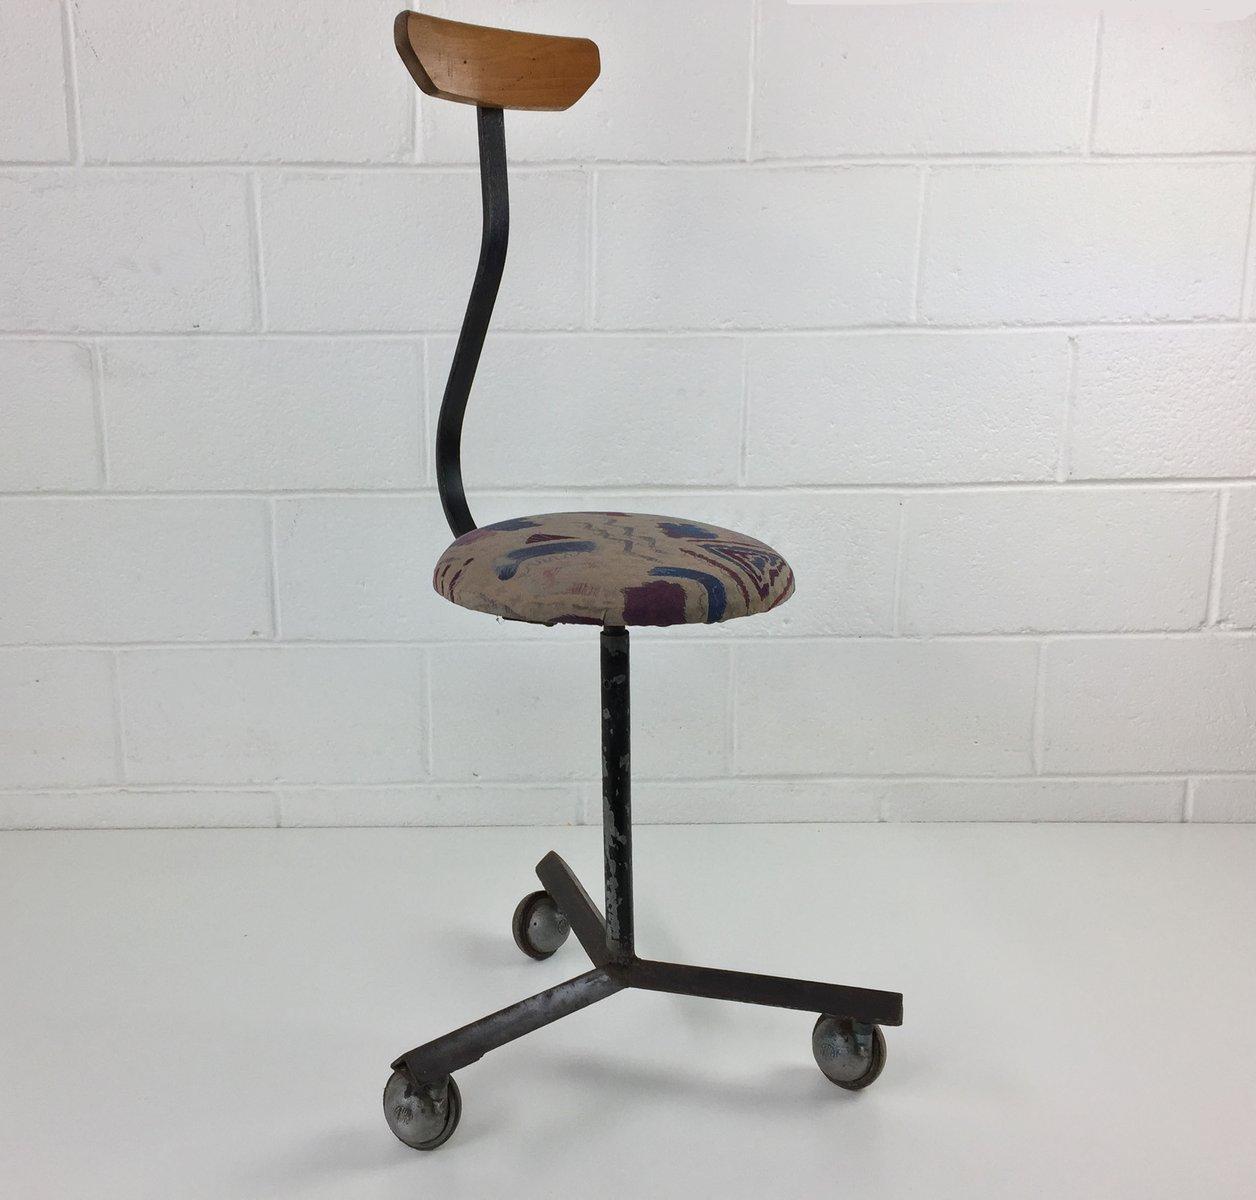 Slovakian Industrial Metal Workshop Sewing Chair, 1960s